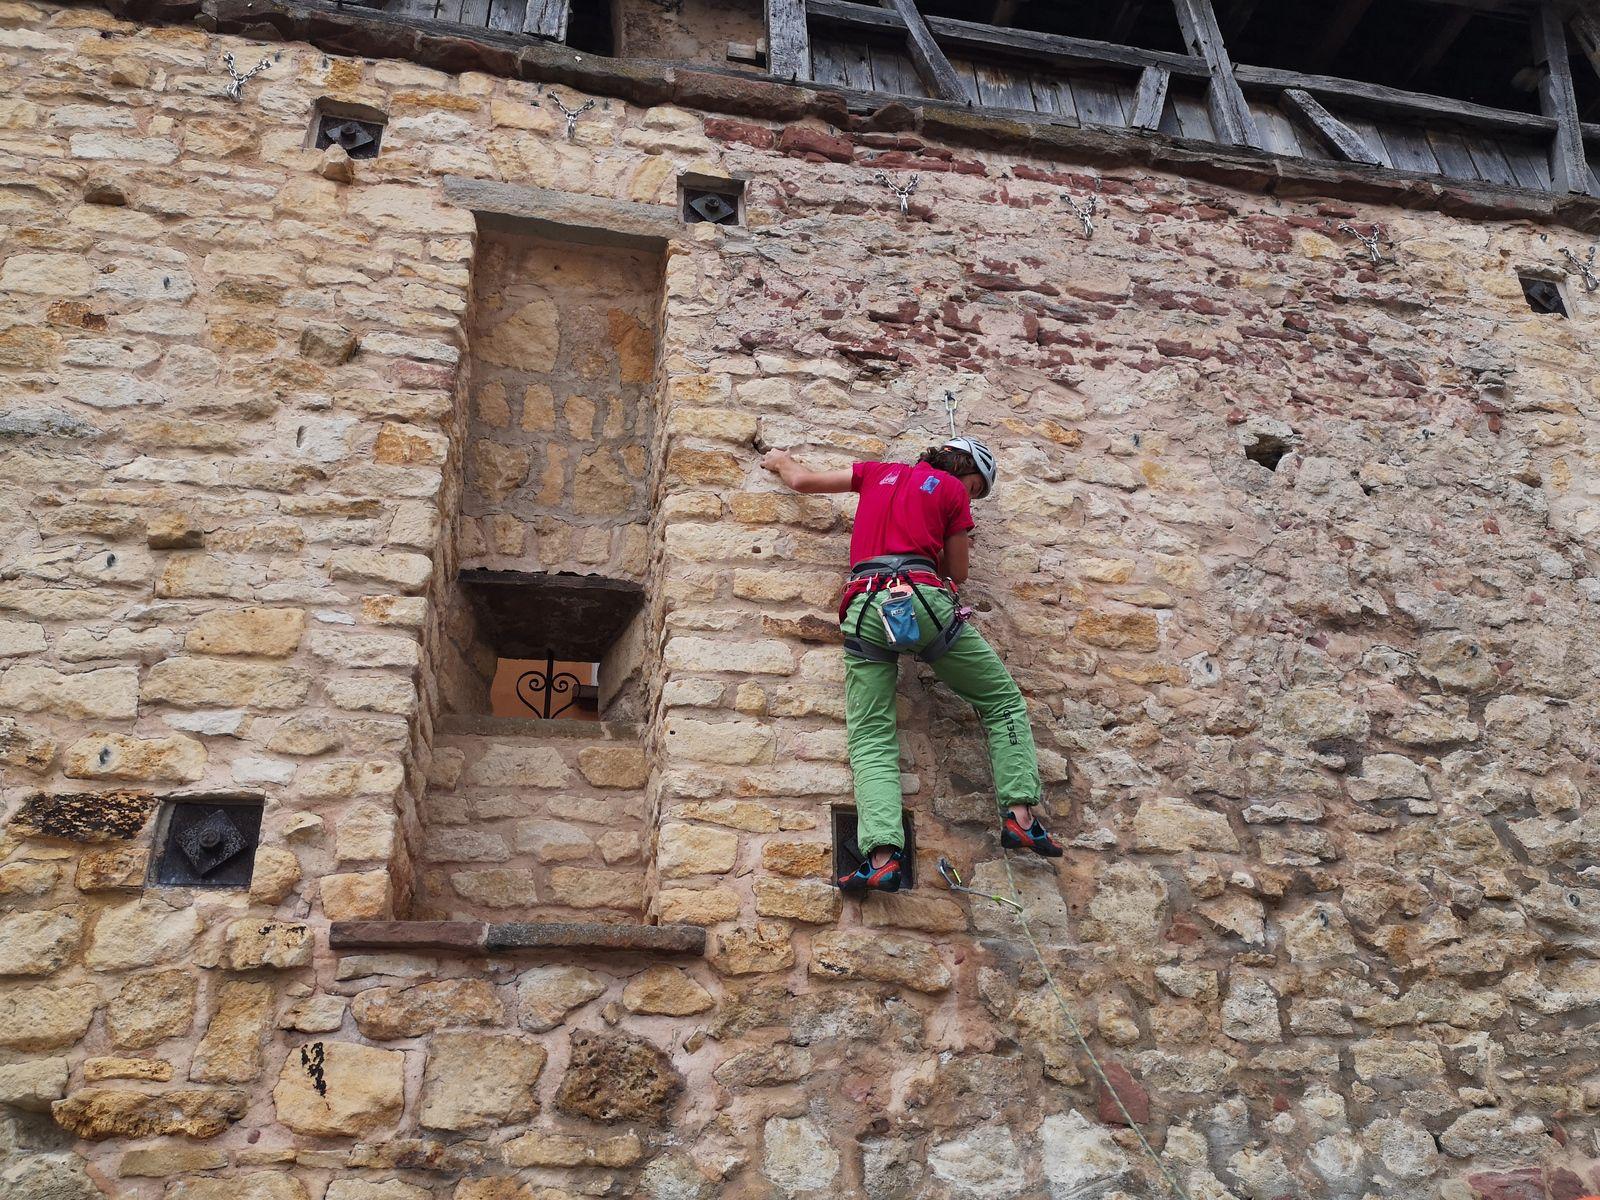 Les possibilités sont multiples, chaque arête de pierre taillée sert de prise, y compris les ferrures de soutènement de la muraille.